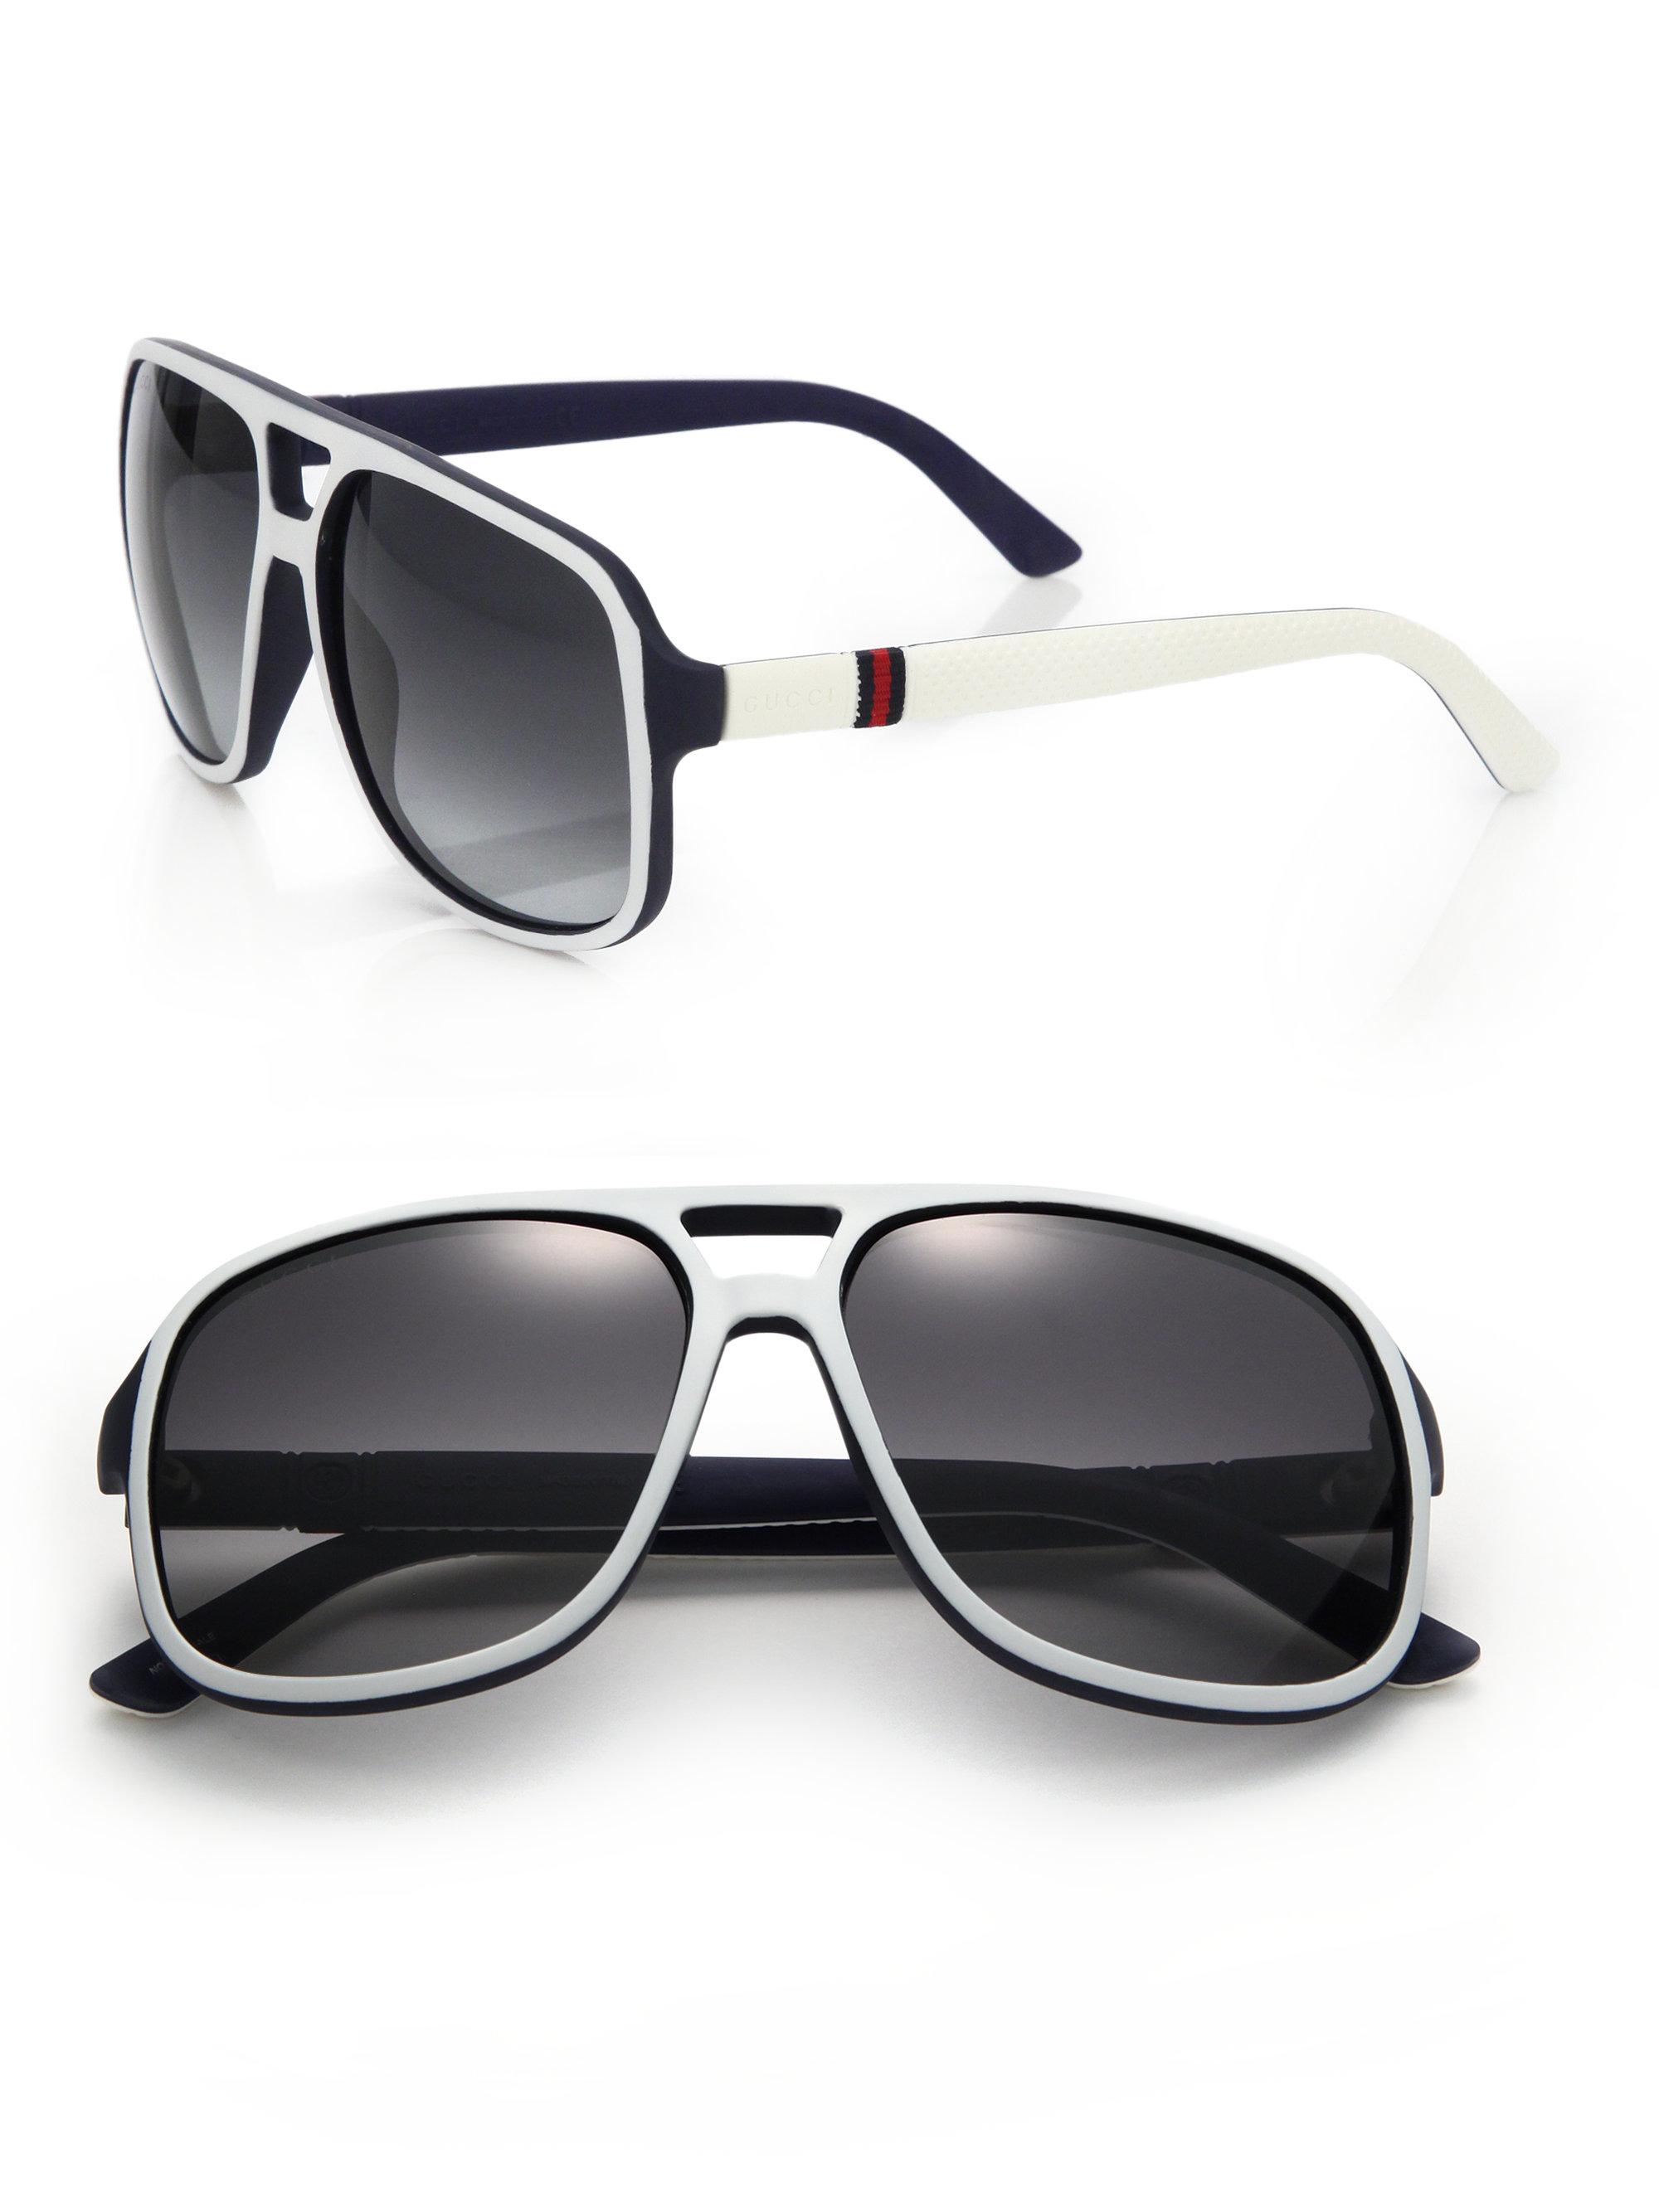 c5660ae9e77 Lyst - Gucci 1115 s 59mm Mirror Aviator Sunglasses in Black for Men